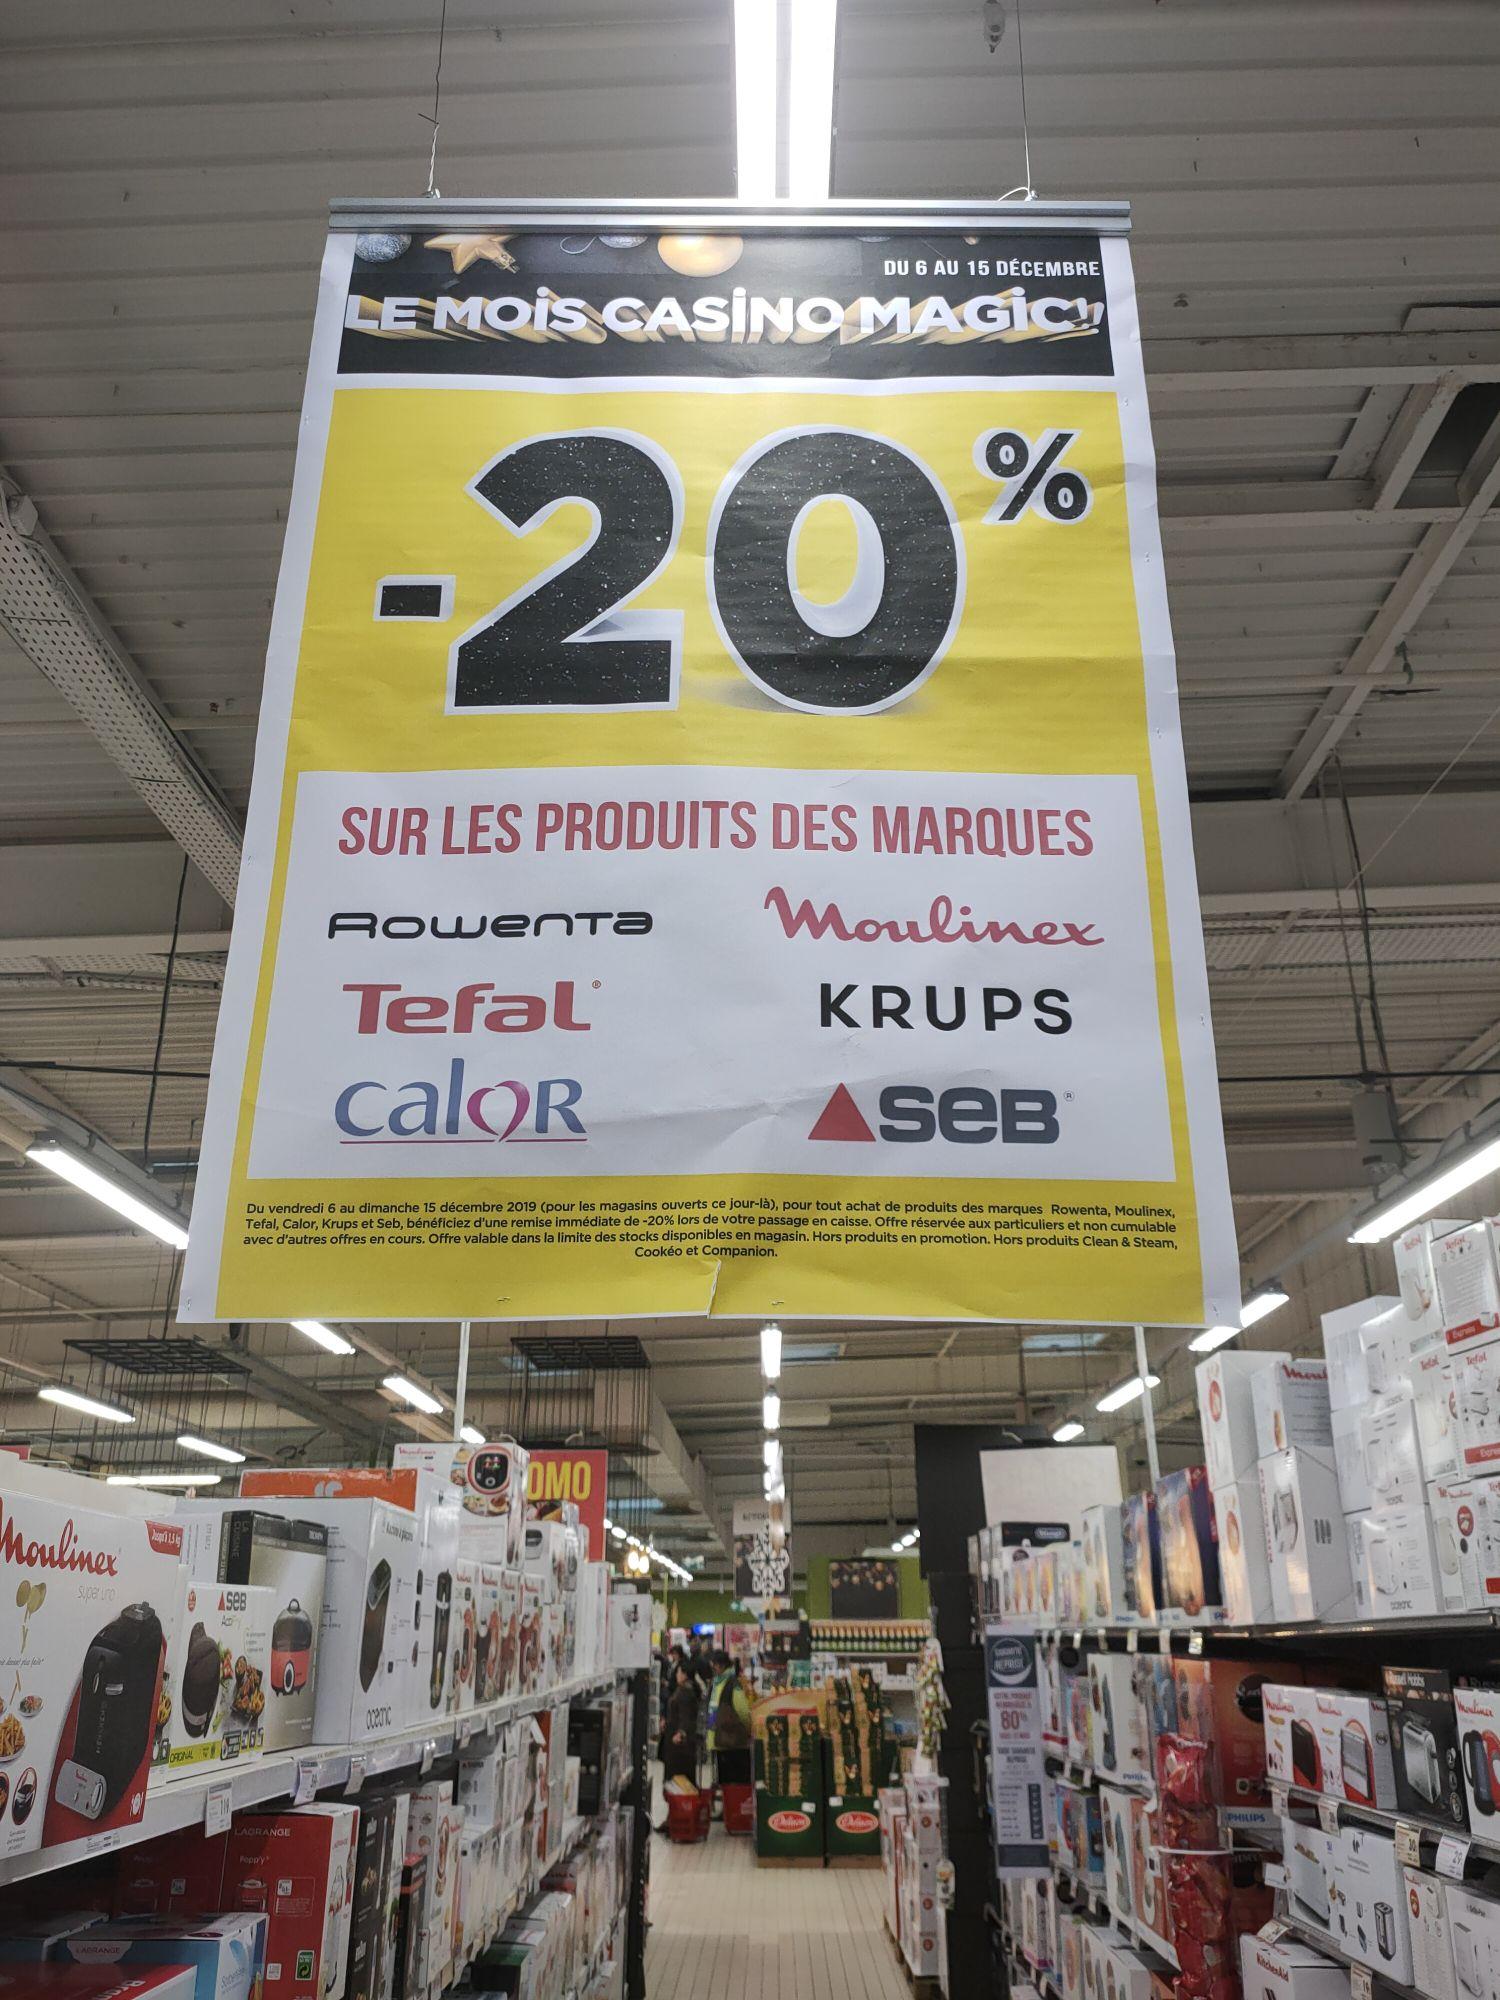 20% de réduction sur une sélection de produits de marques Calors, Krups, Moulinex, Rowenta, Seb ou Tefal (+ 10% via Casino Max Extra)